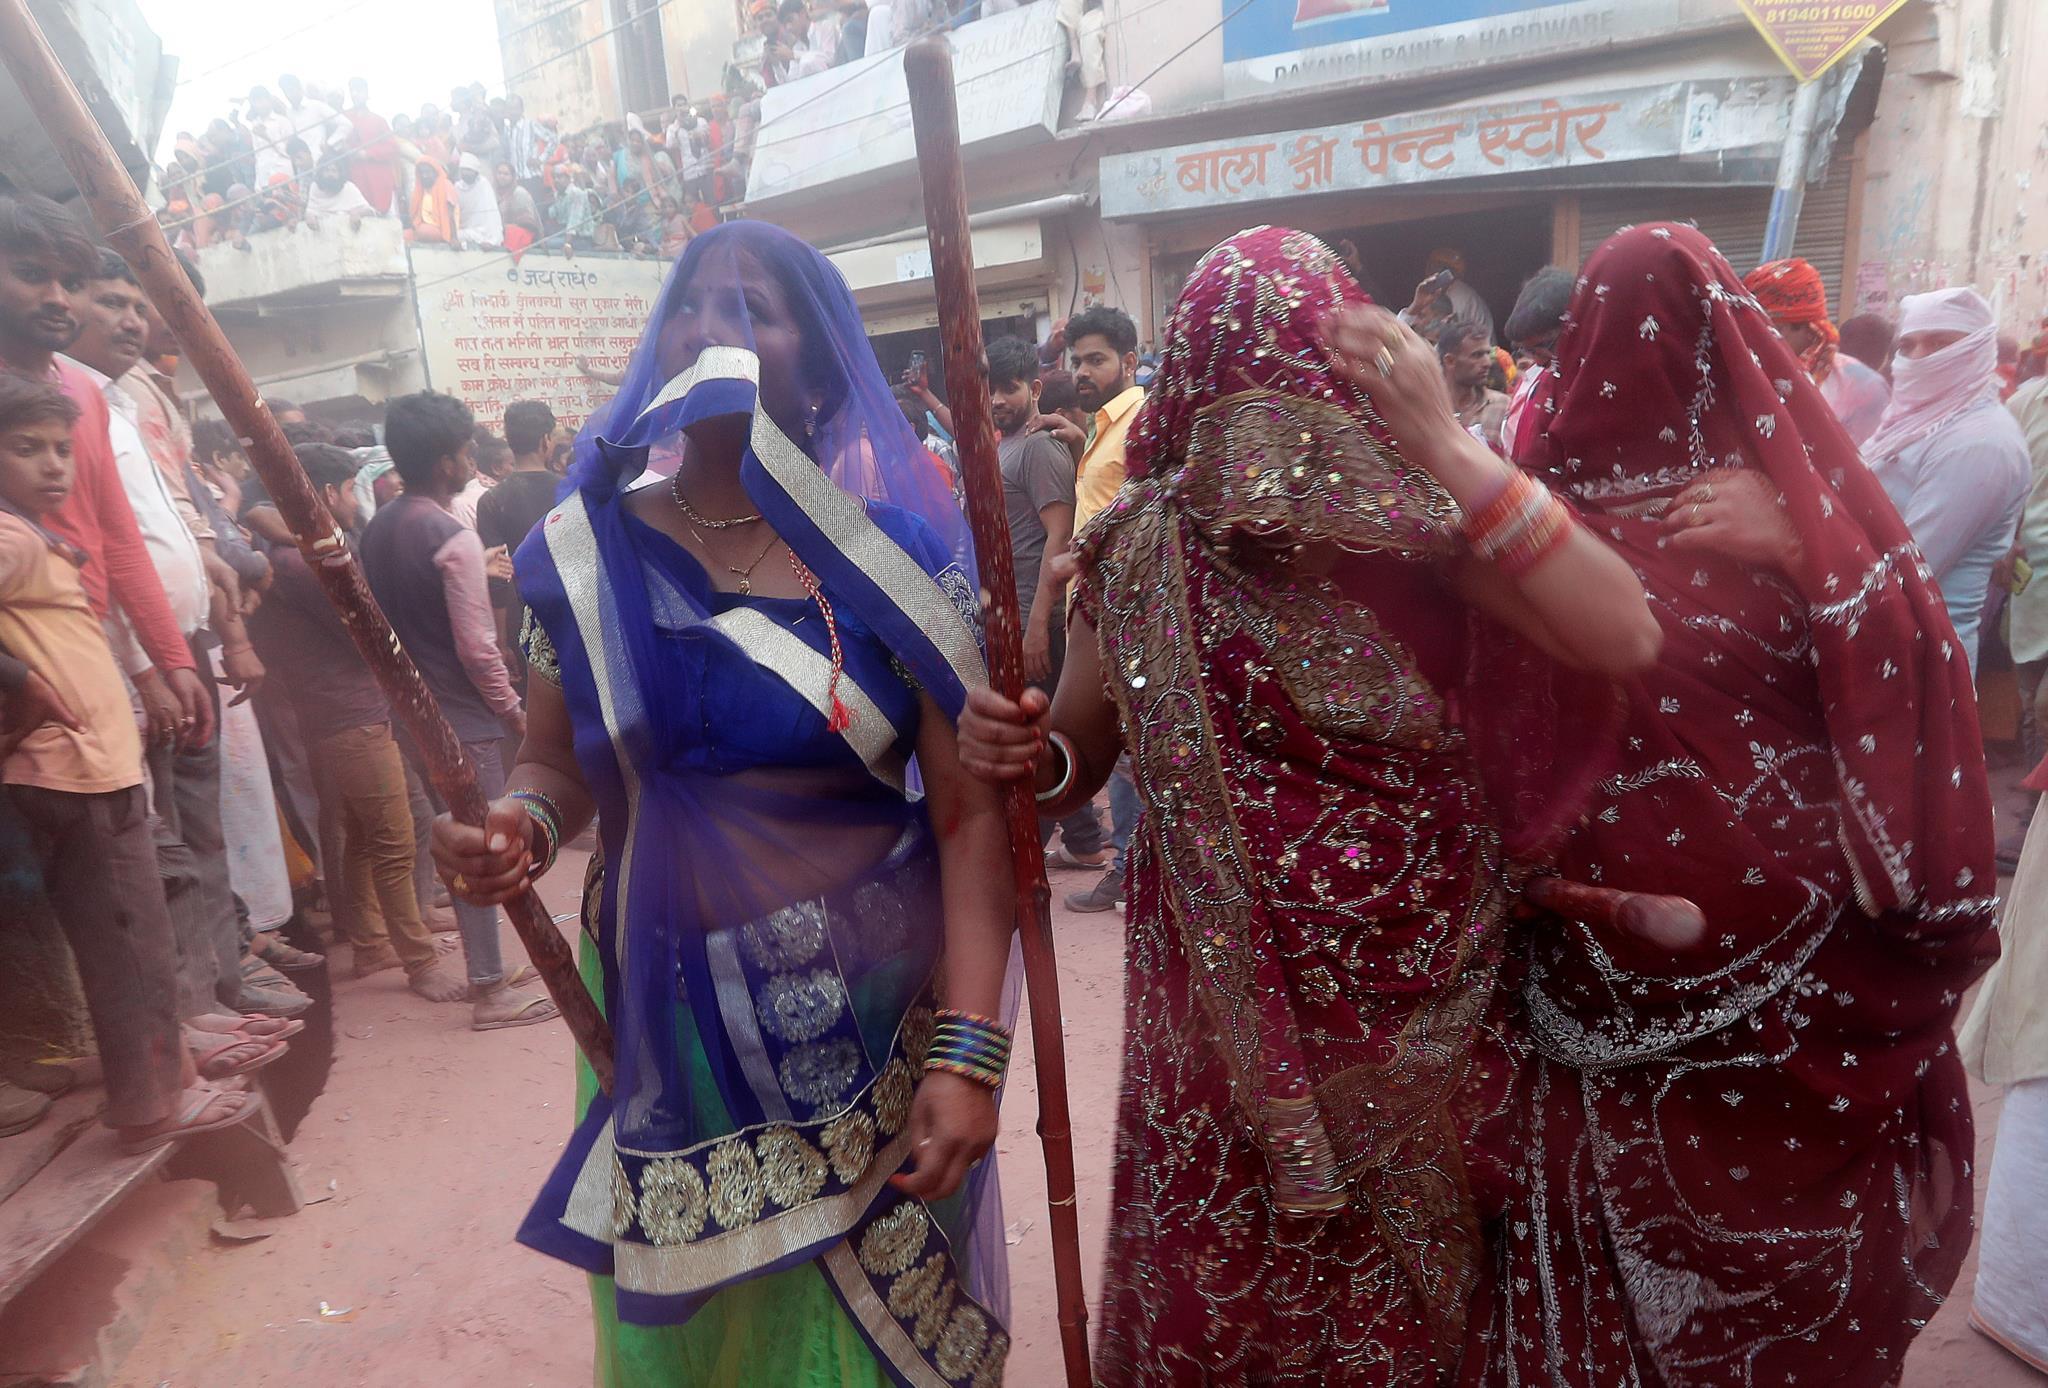 Mulheres indianas com varas de bambu nas celebrações do Festival das Cores